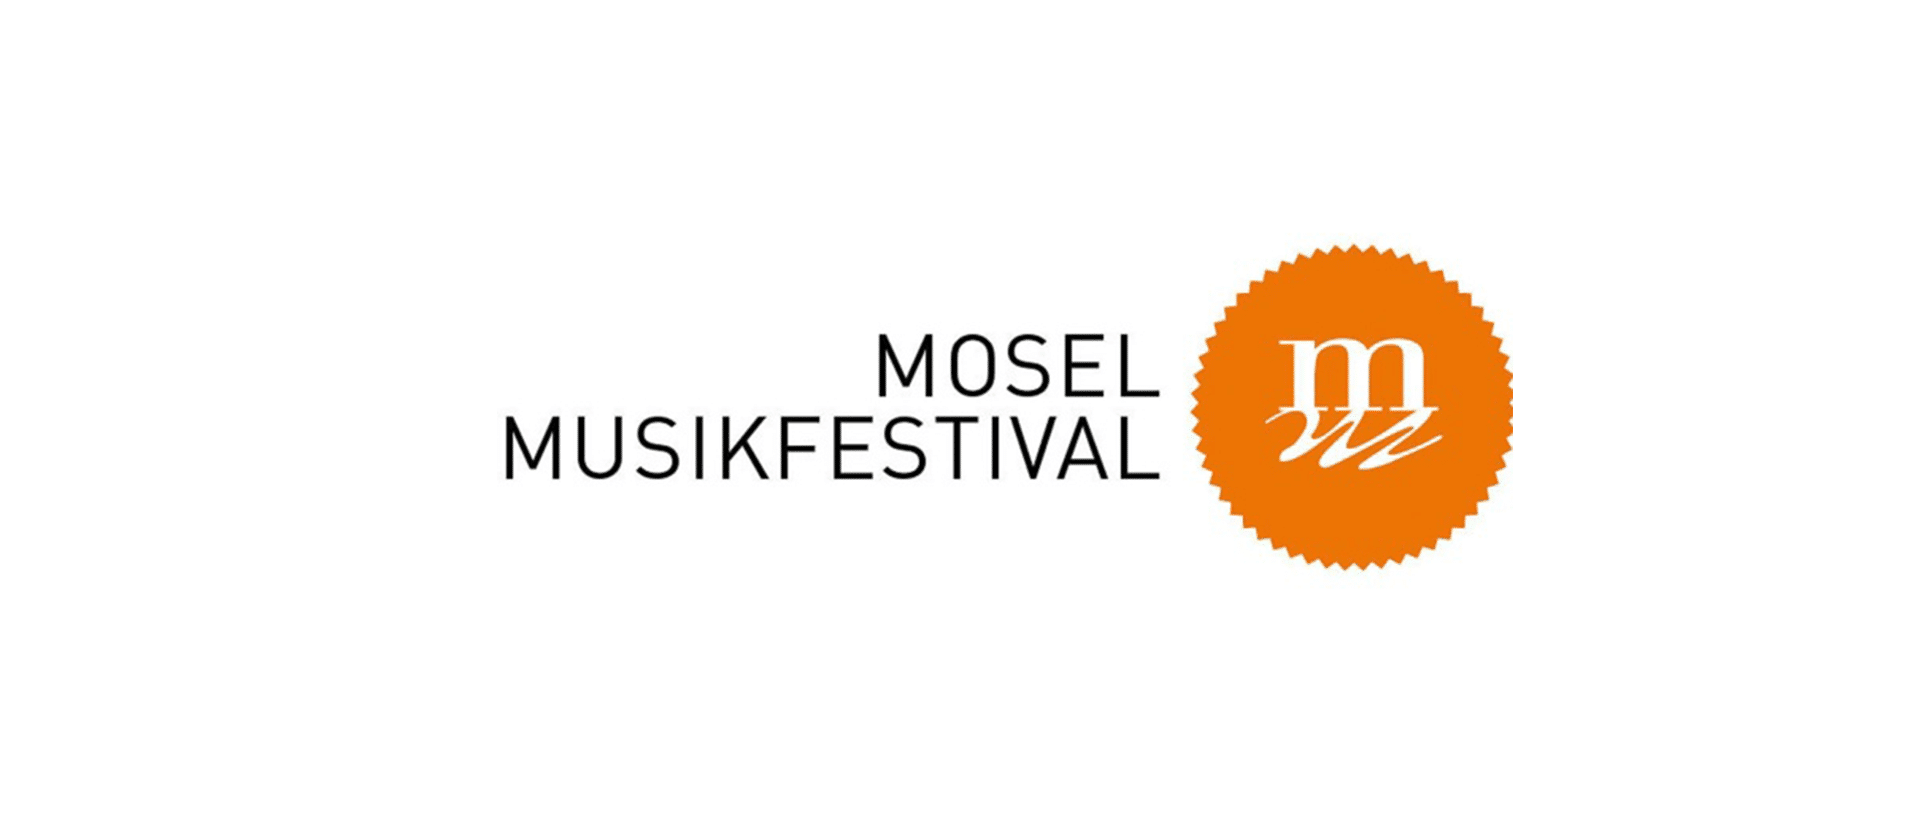 Letter M on an orange background - Mosel Musikfestival logo